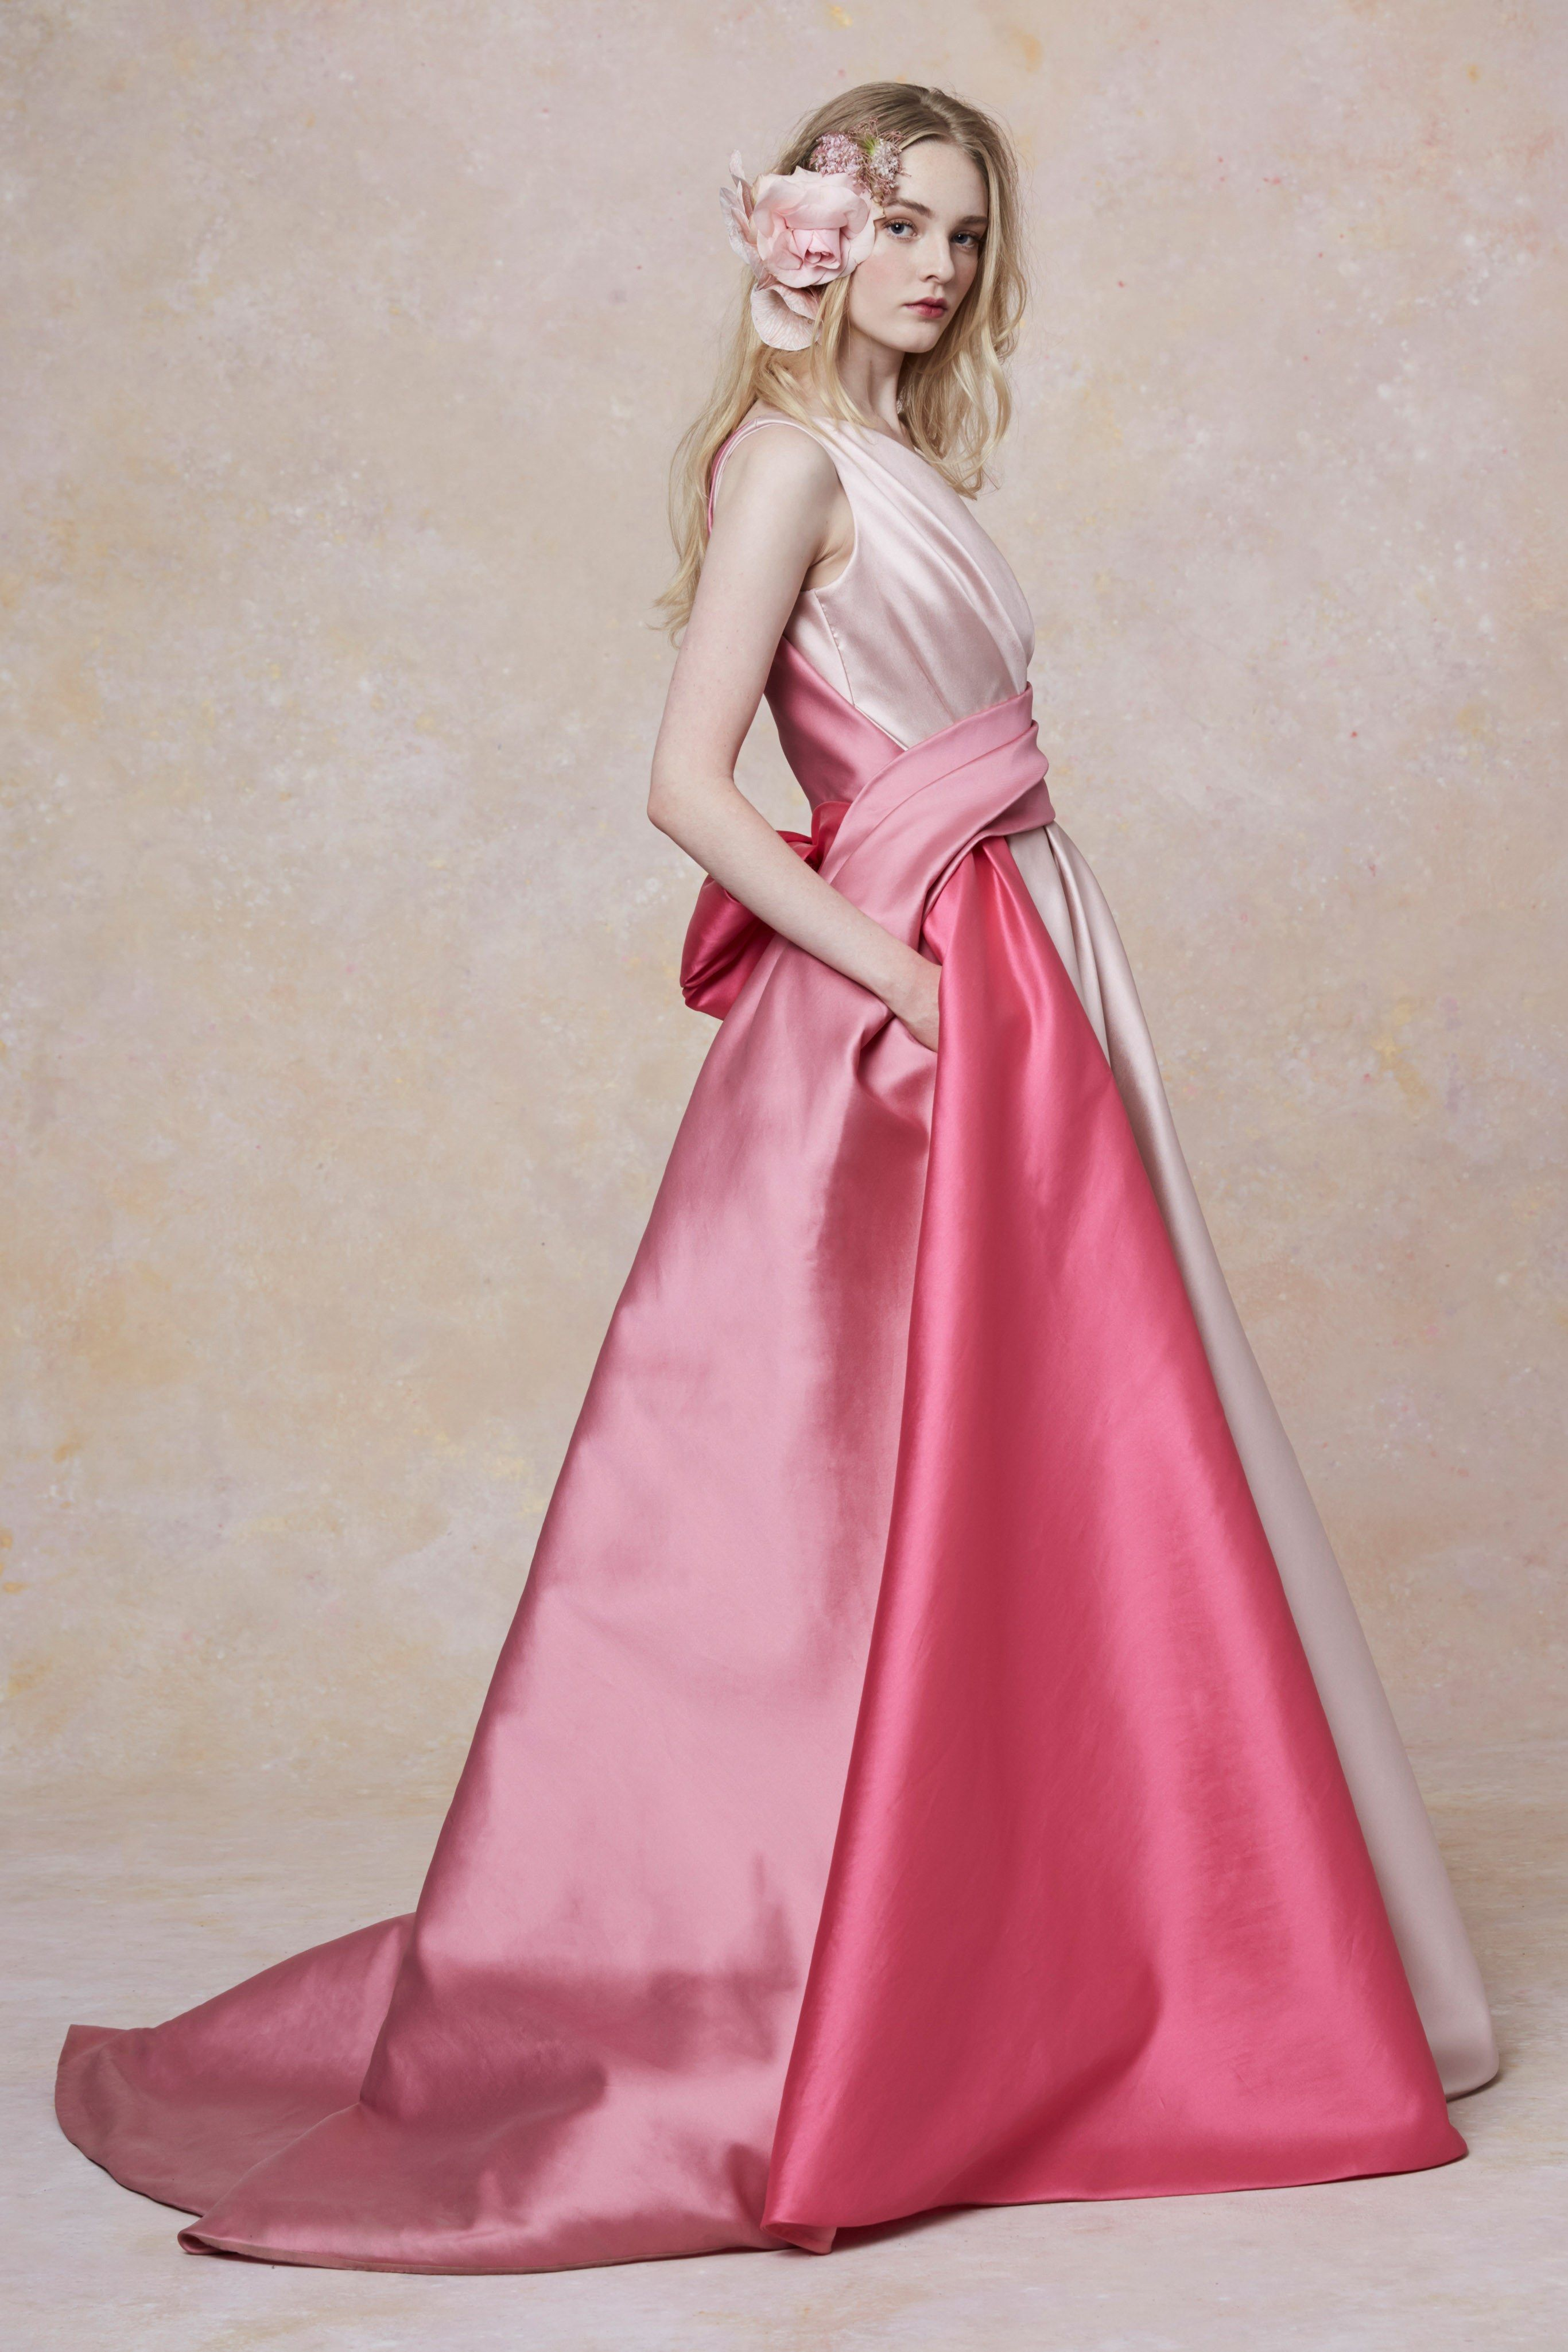 Marchesa Resort 2019 Fashion Show   Pinterest   Rosas y Vestiditos